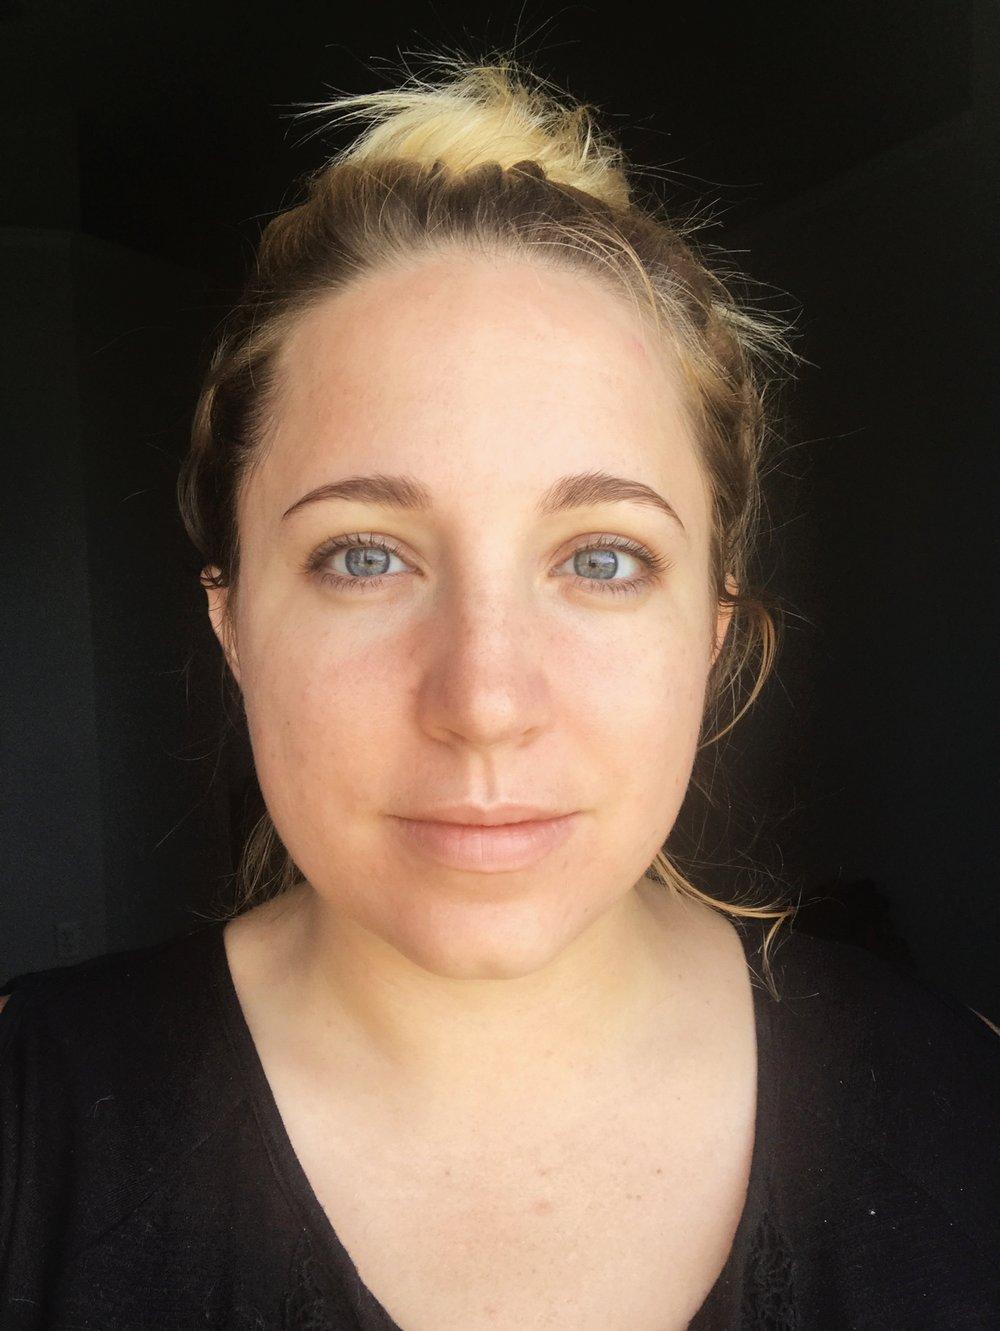 skincare_makeup_review_im_kristen (3 of 10).jpg